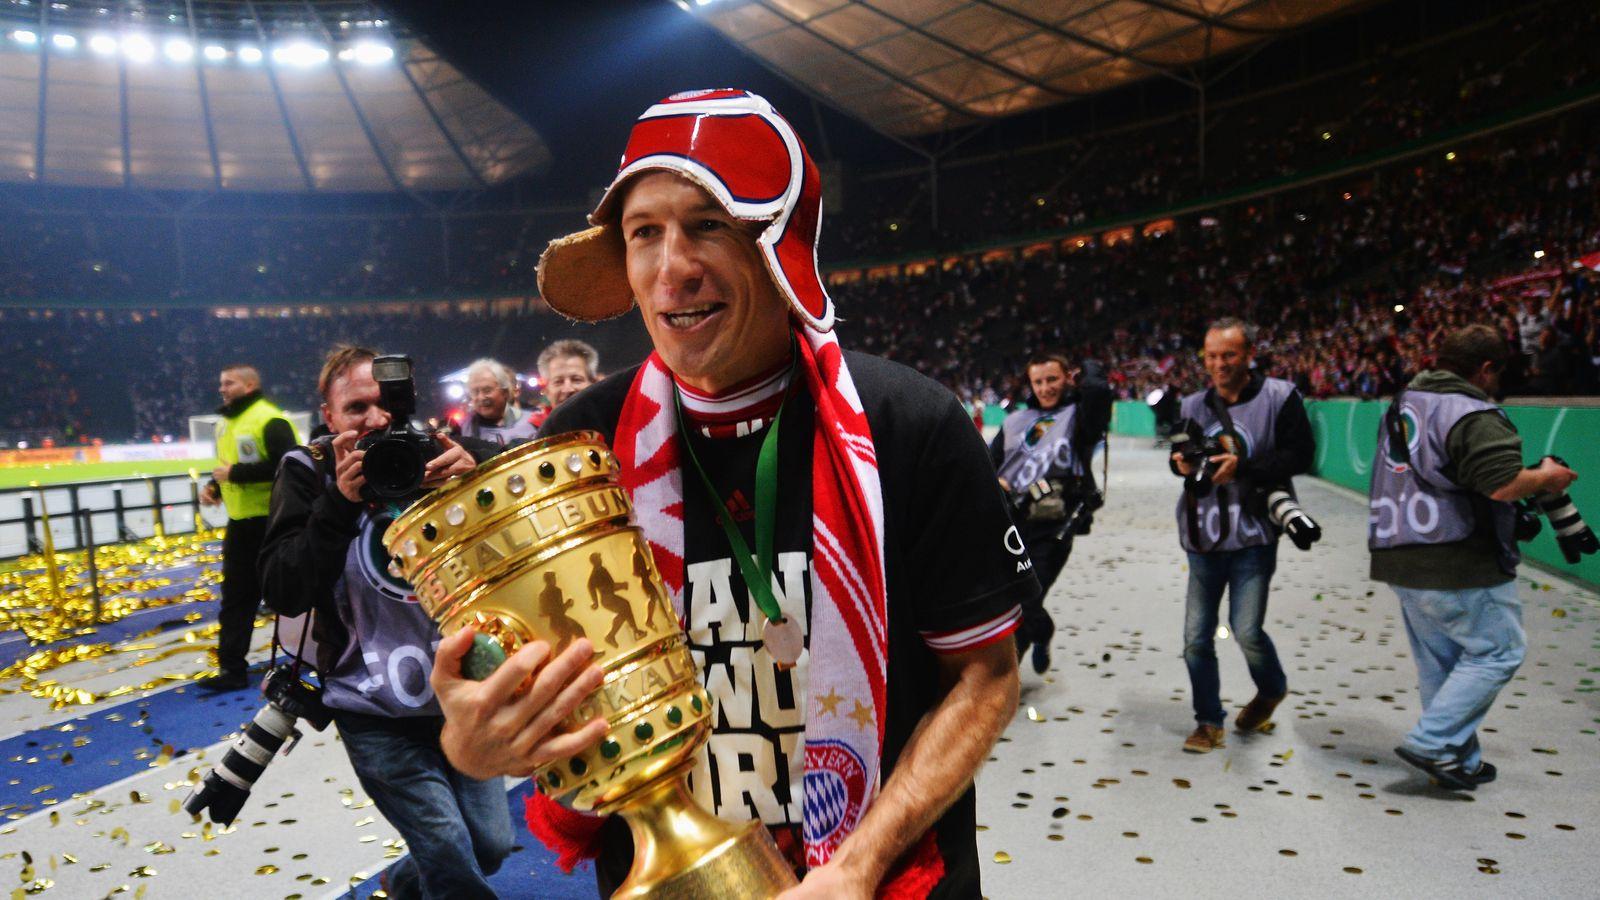 第一轮抽签,2013-2014 DFB Pokal:拜仁慕尼黑,多特蒙德,沙尔克吸引业余球队